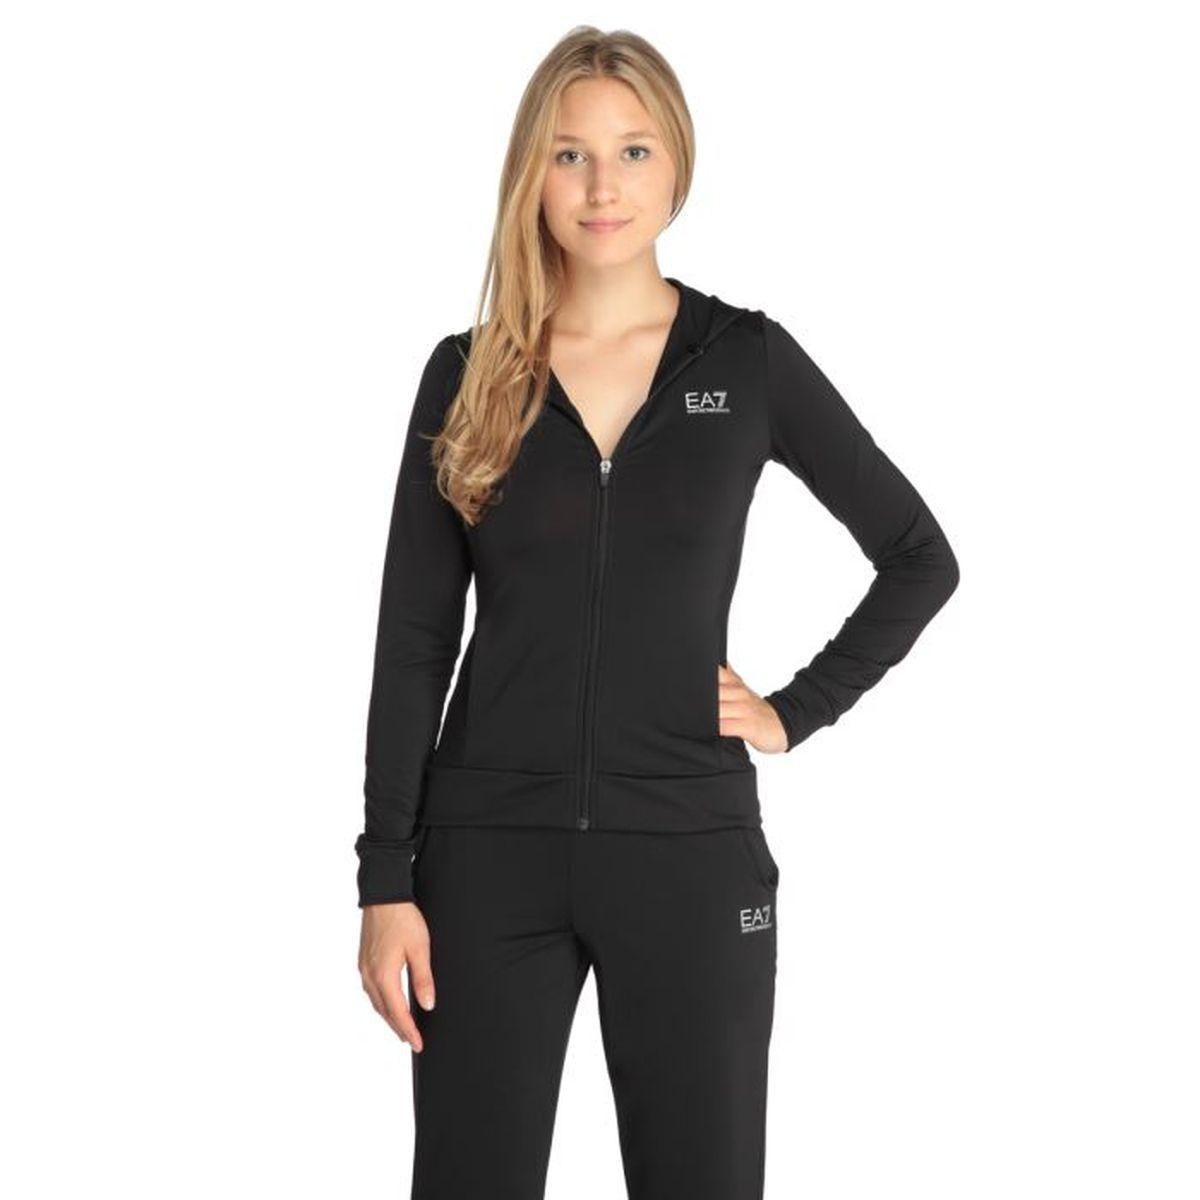 ea7 veste sweat zipp e capuche femme noir achat. Black Bedroom Furniture Sets. Home Design Ideas